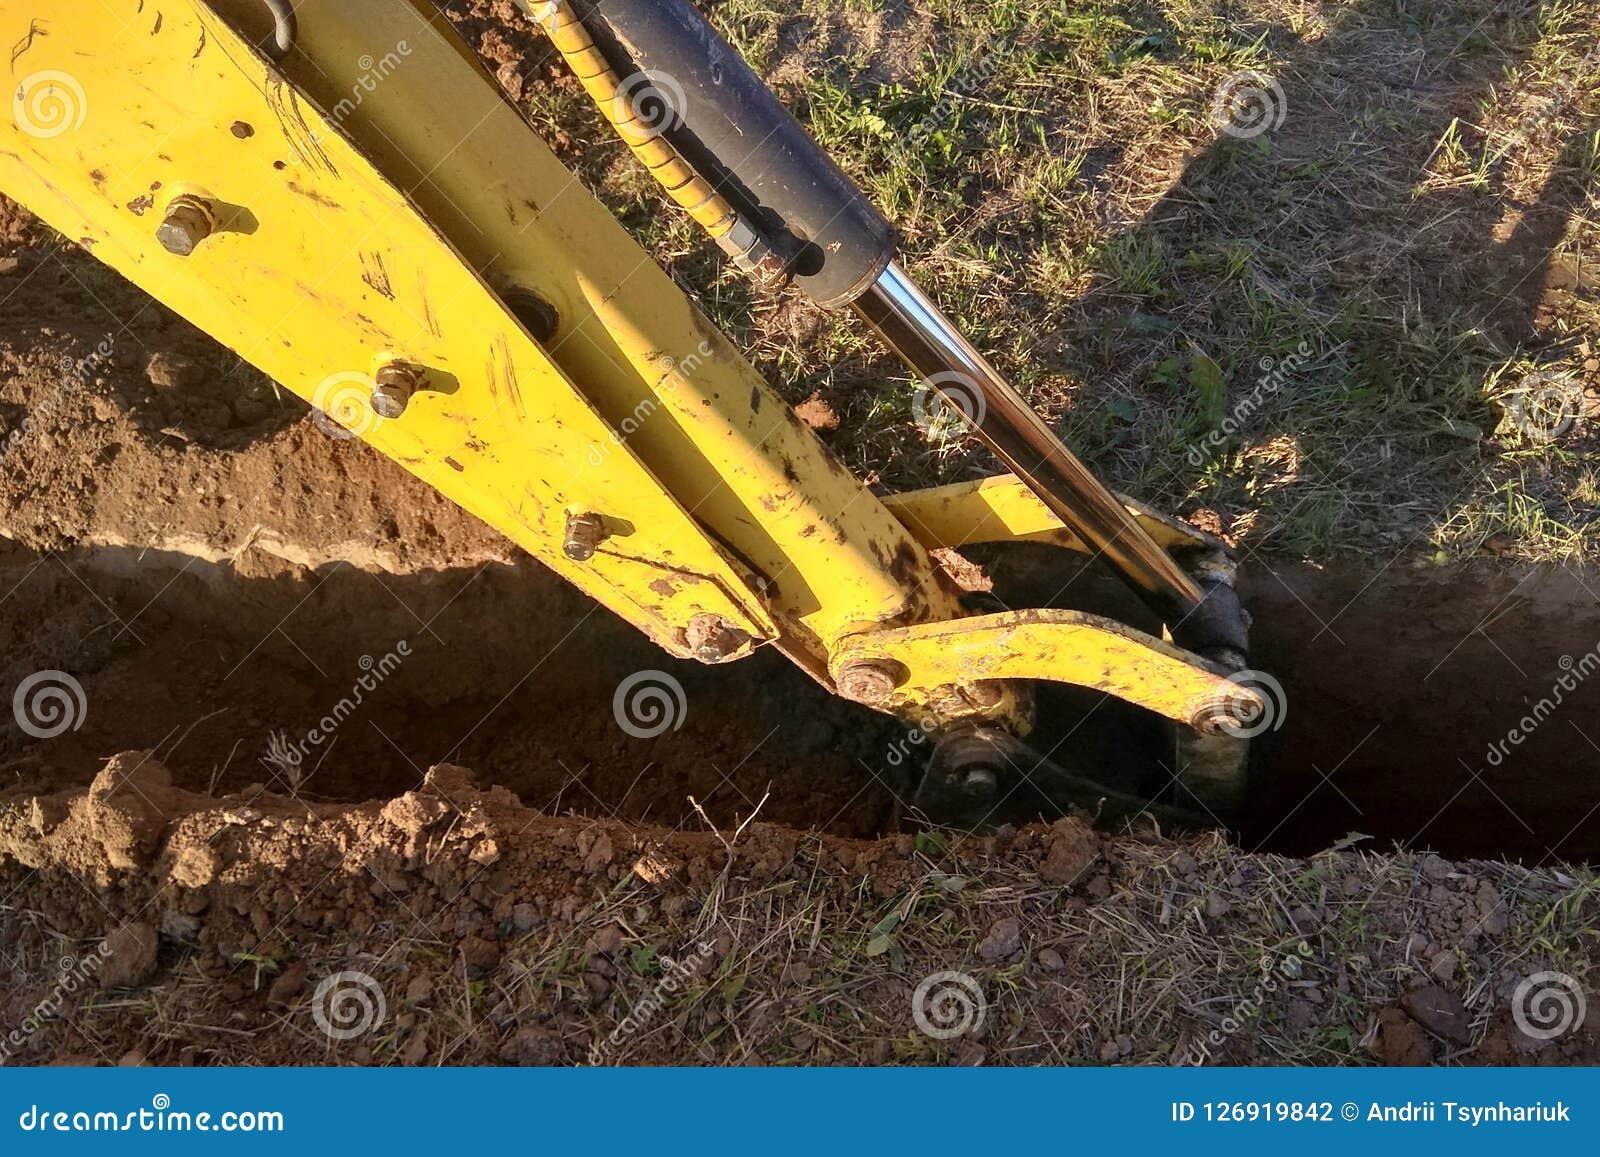 Ein Arbeitsbagger, der einen Graben für die Grundlage eines Gebäudes gräbt